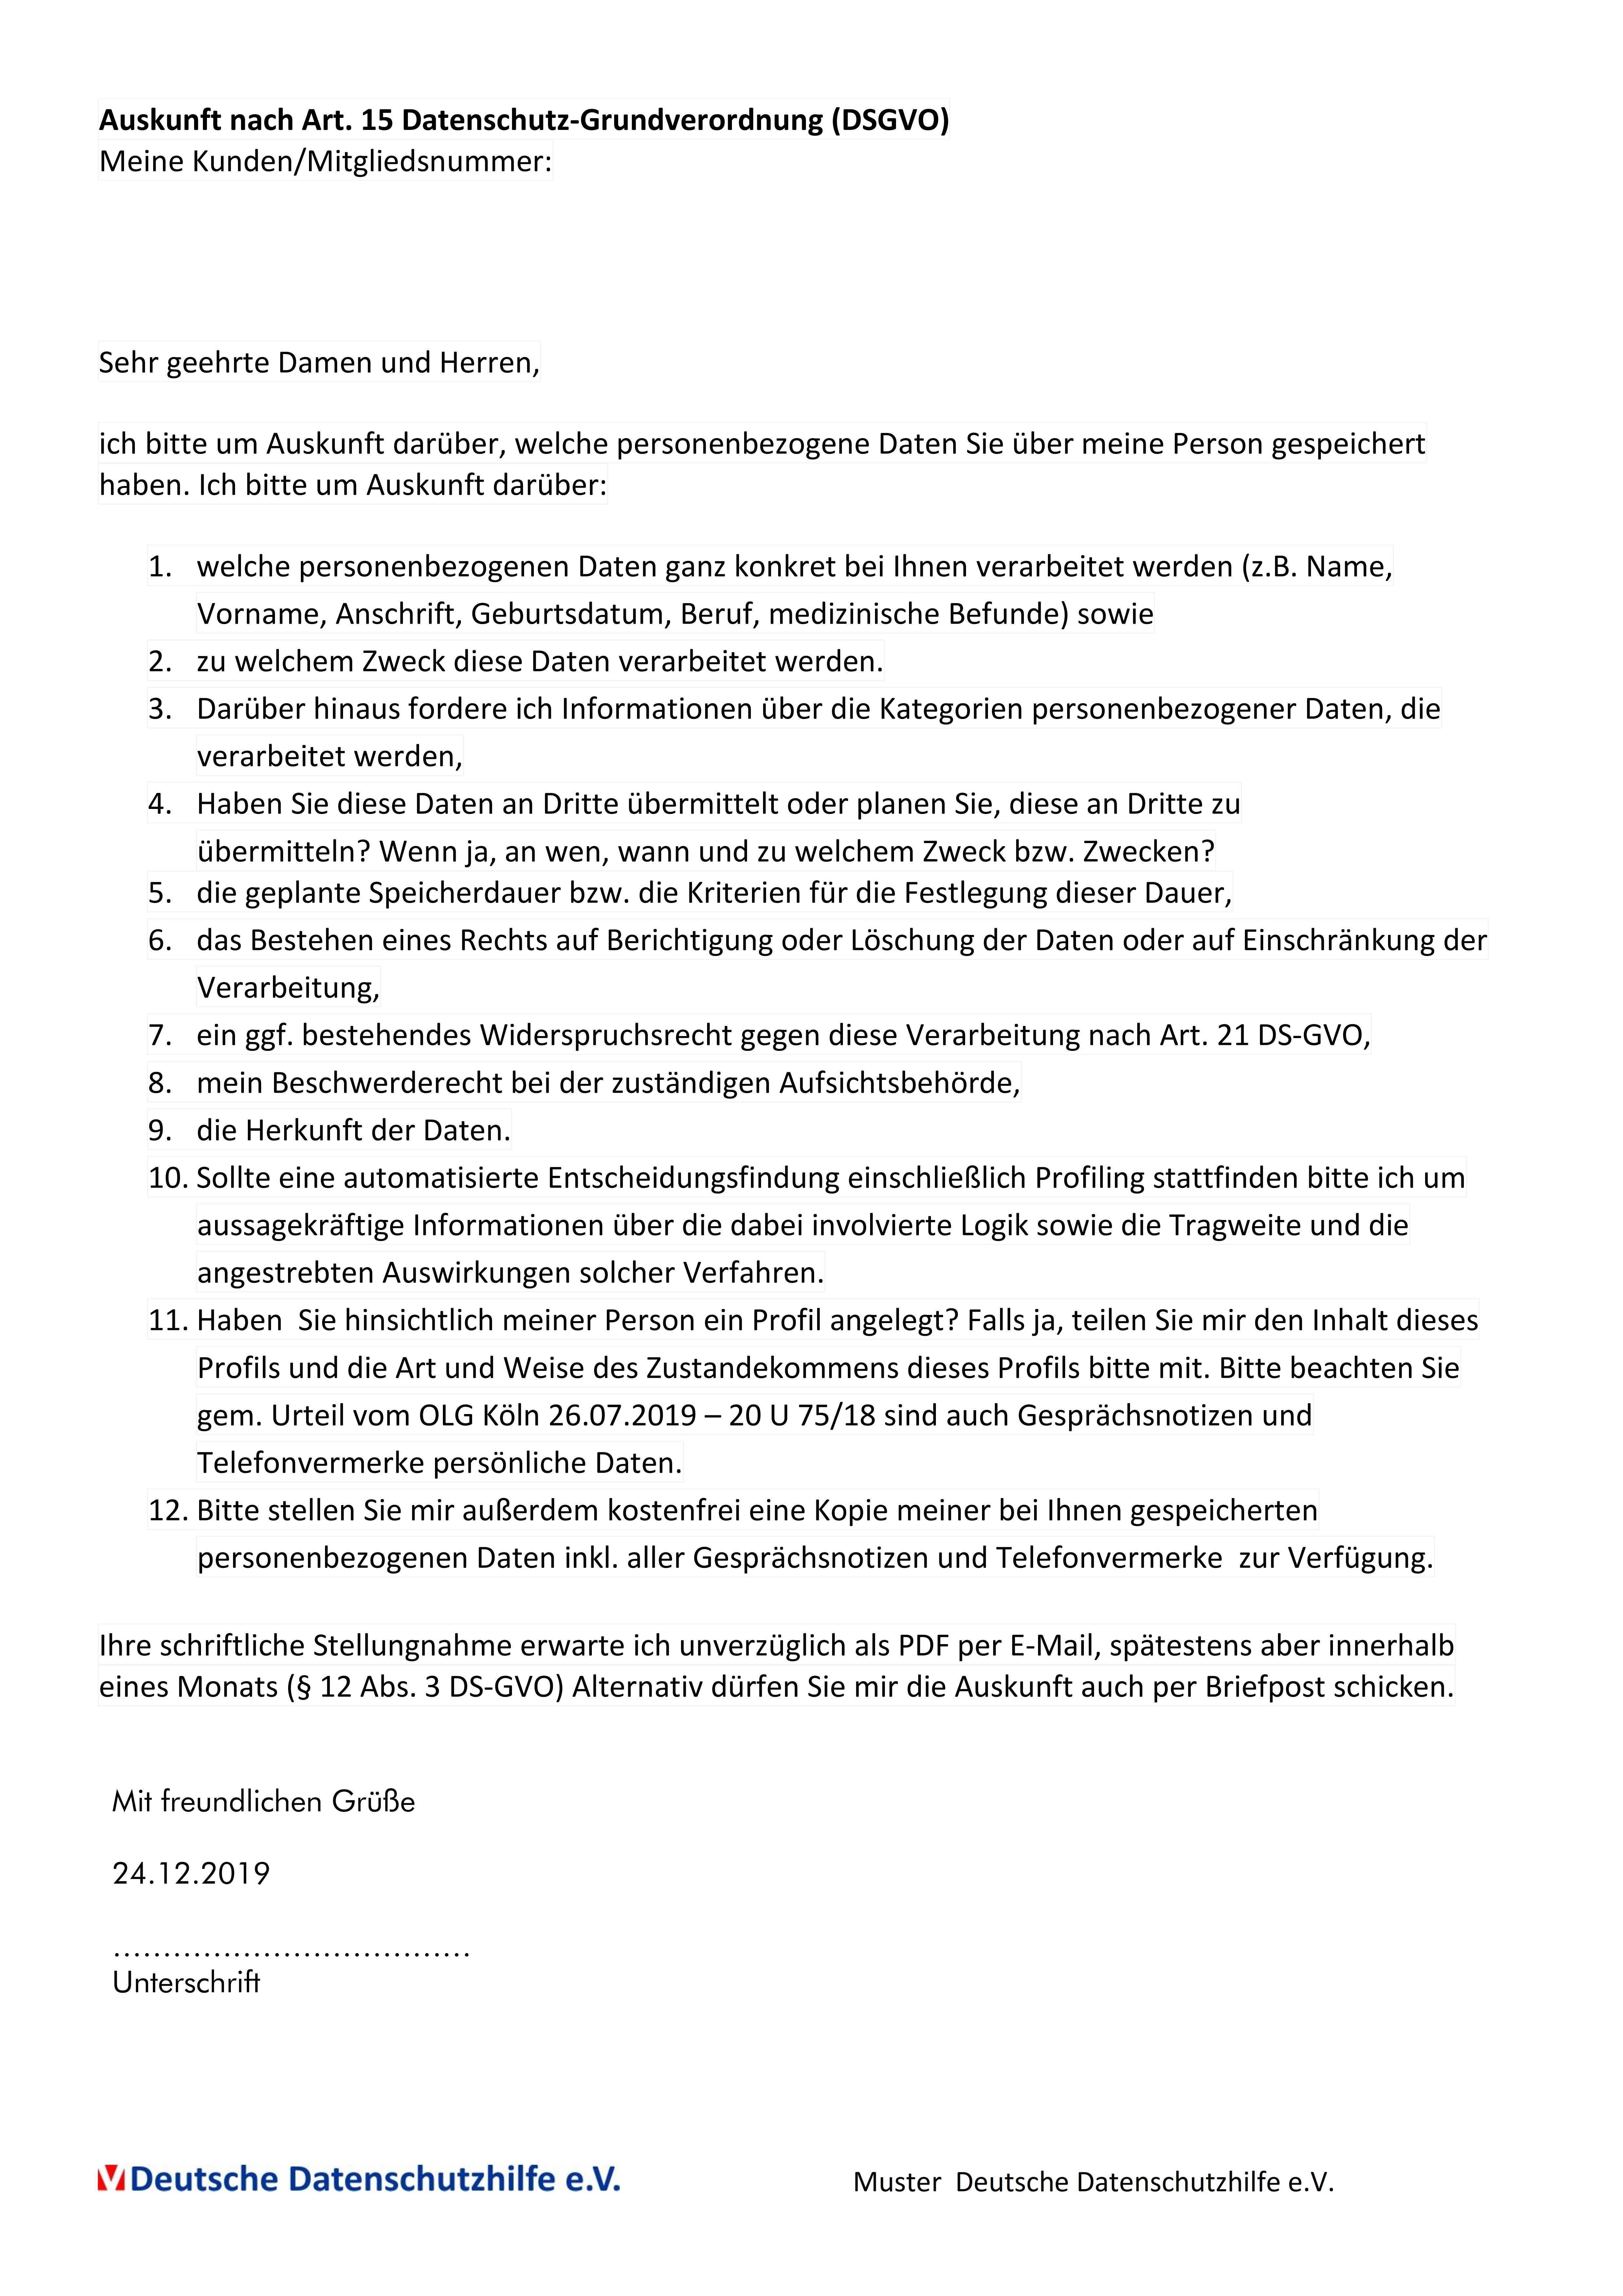 Muster Auskunftsersuchen Nach Art 15 Dsgvo Deutsche Datenschutzhilfe E V